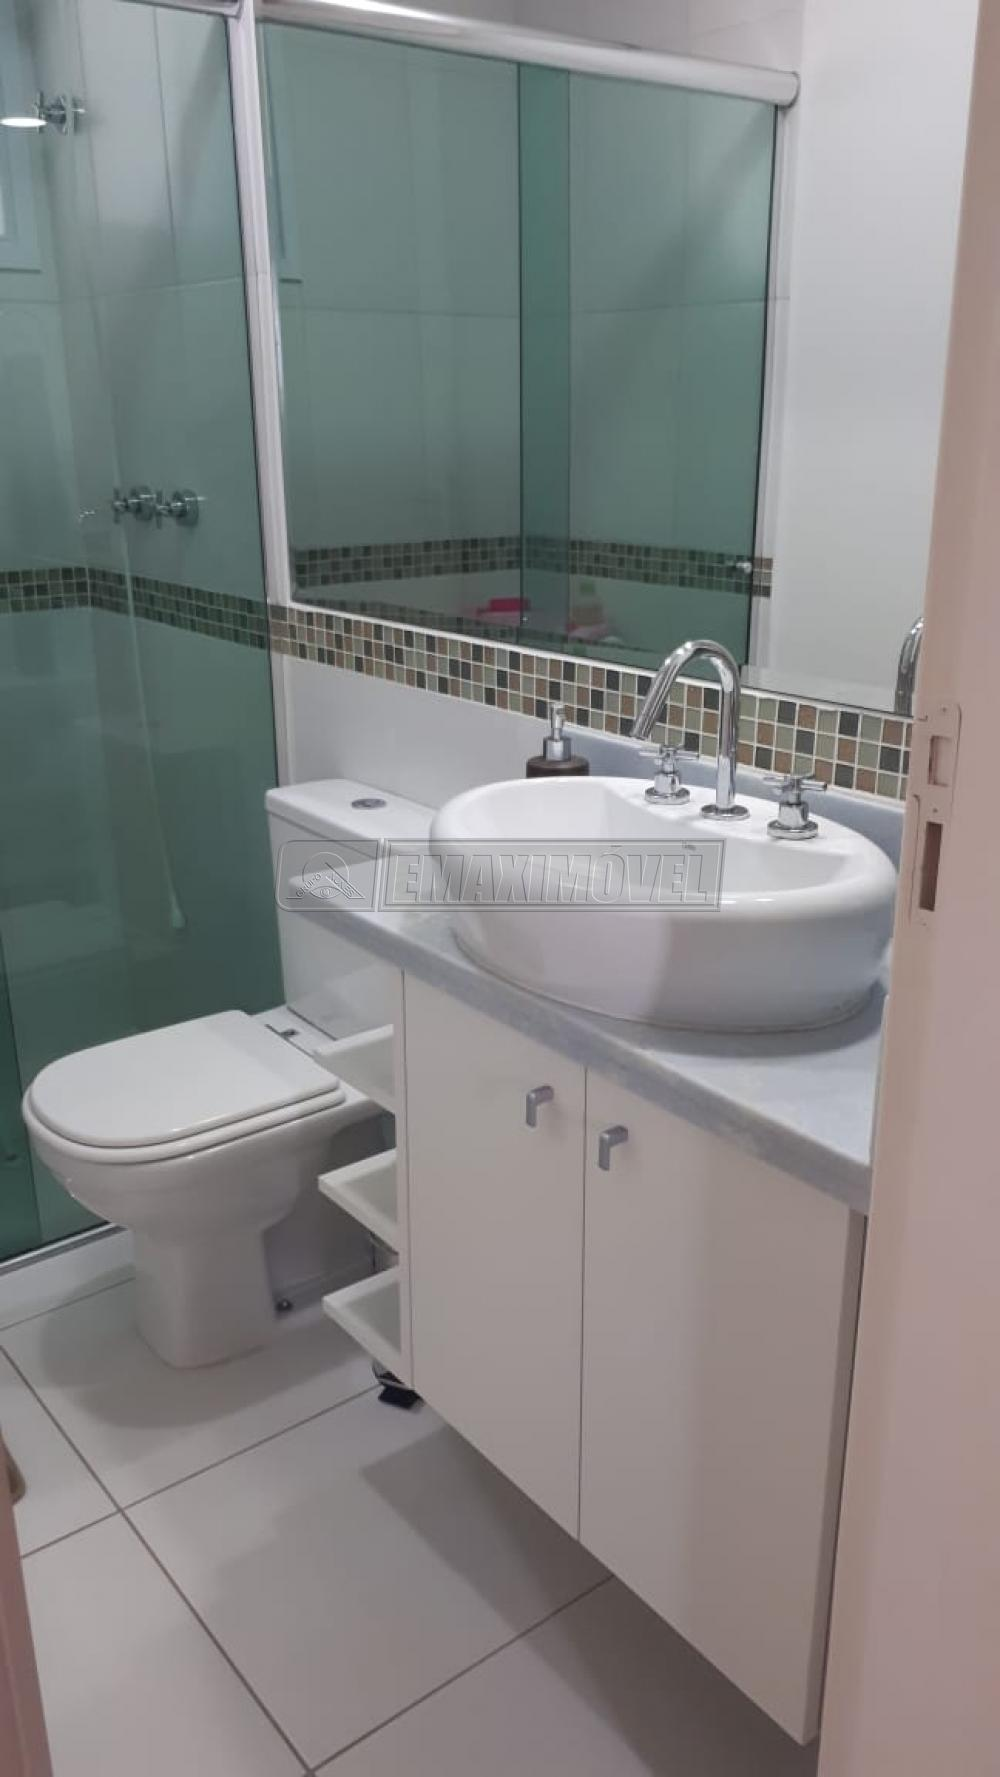 Comprar Apartamentos / Apto Padrão em Sorocaba apenas R$ 430.000,00 - Foto 16